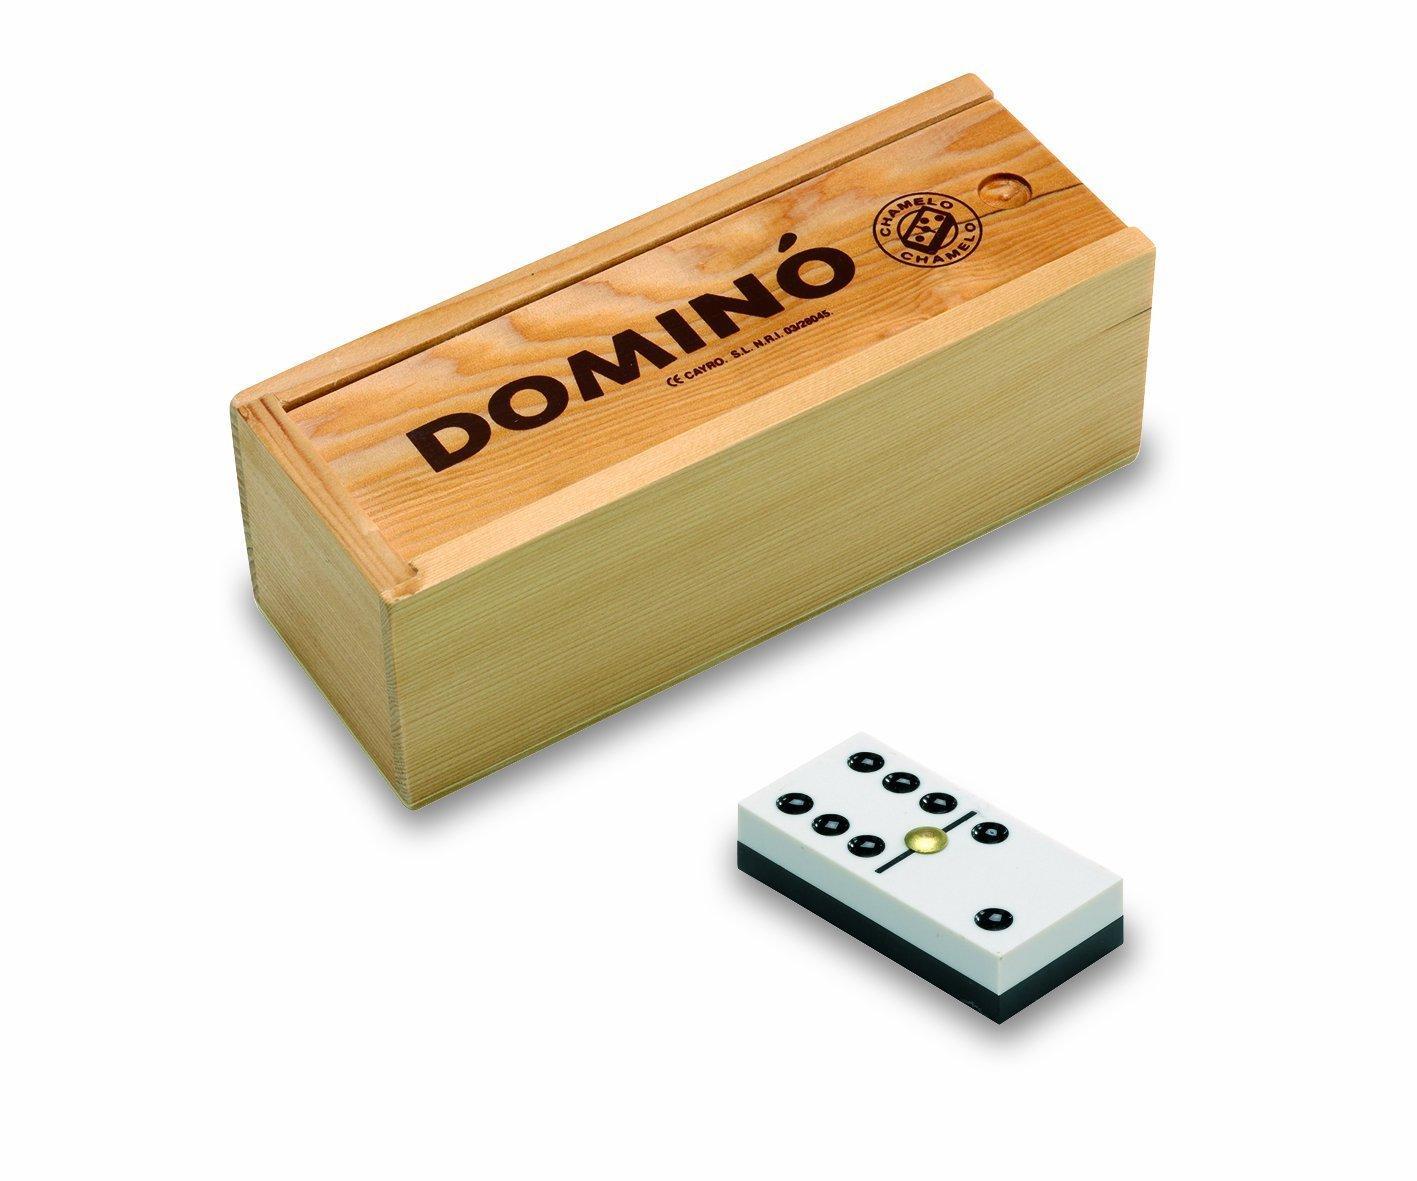 Juguetes Cayro Domino CHAMELO Caja Madera: Amazon.es